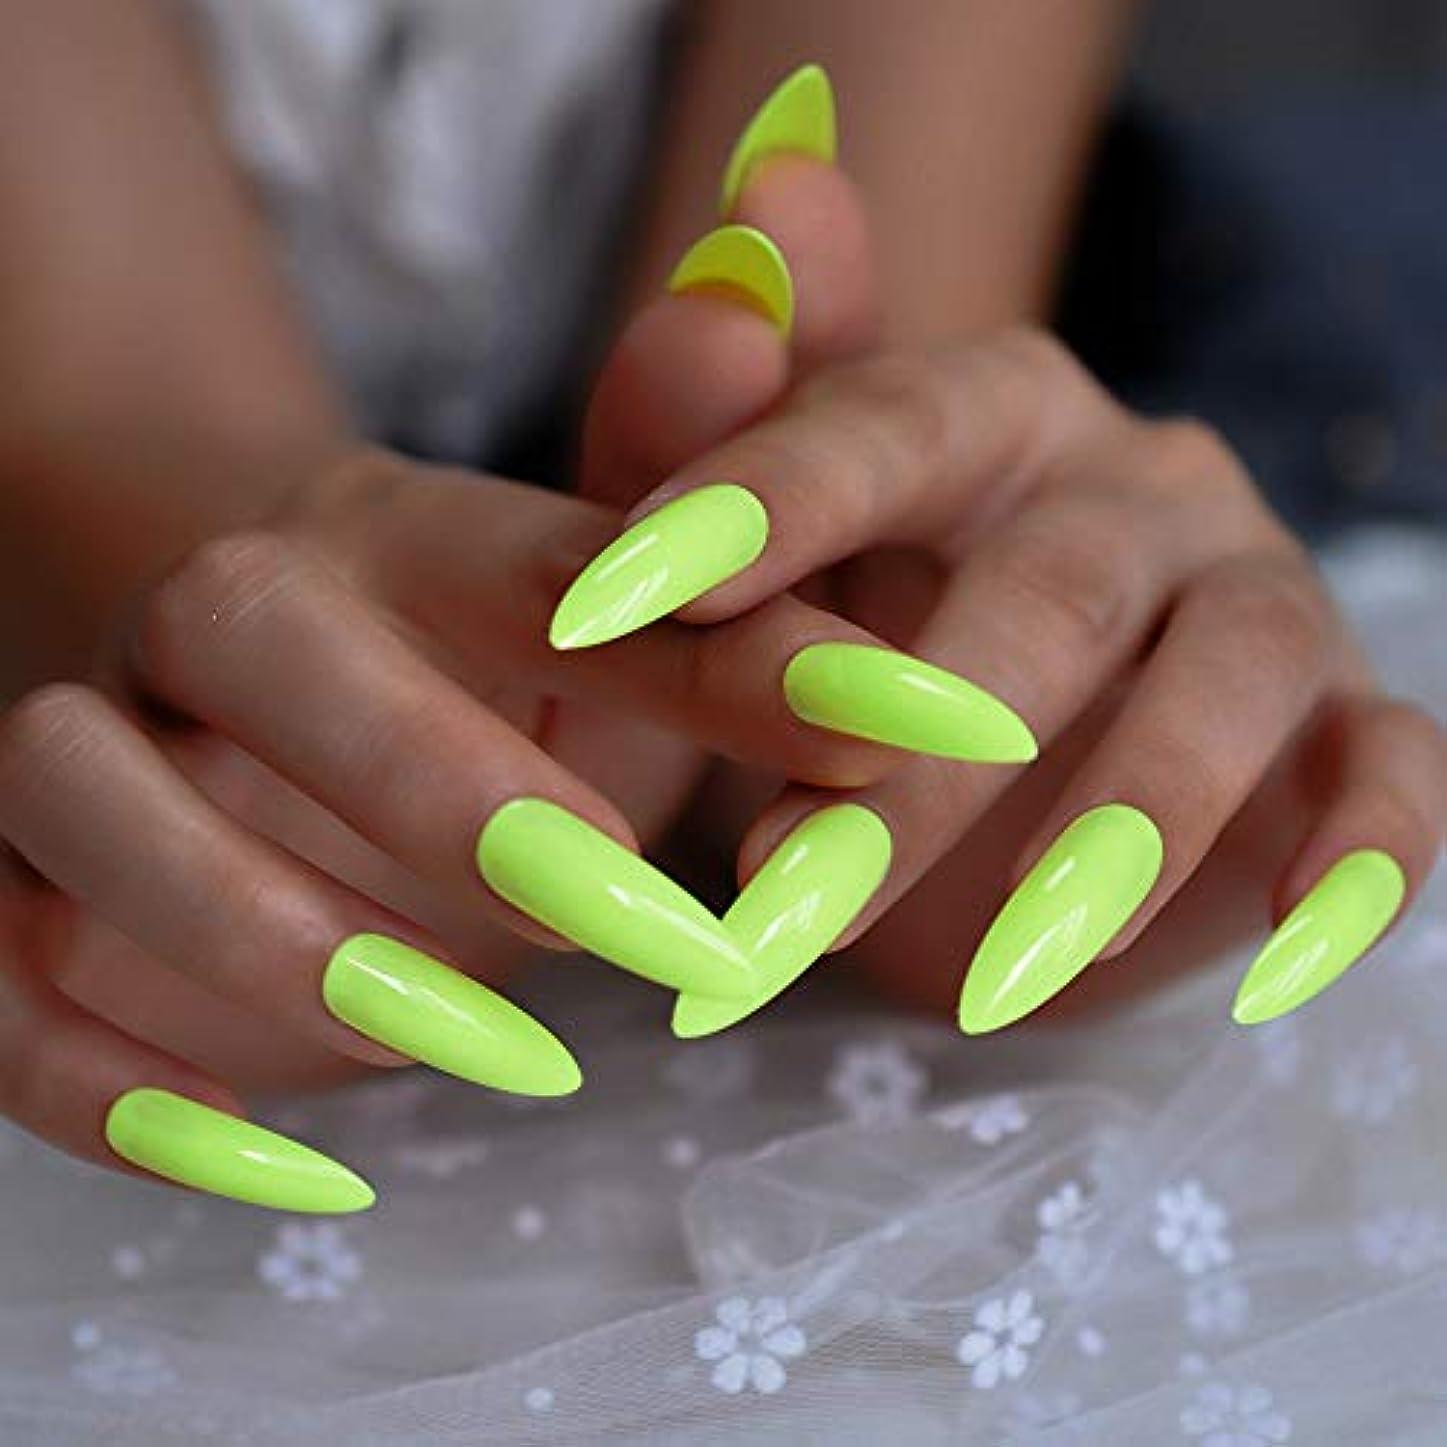 専制クローンテレマコスXUTXZKA 偽の指の爪に余分な長い指を指すグリーンプレス